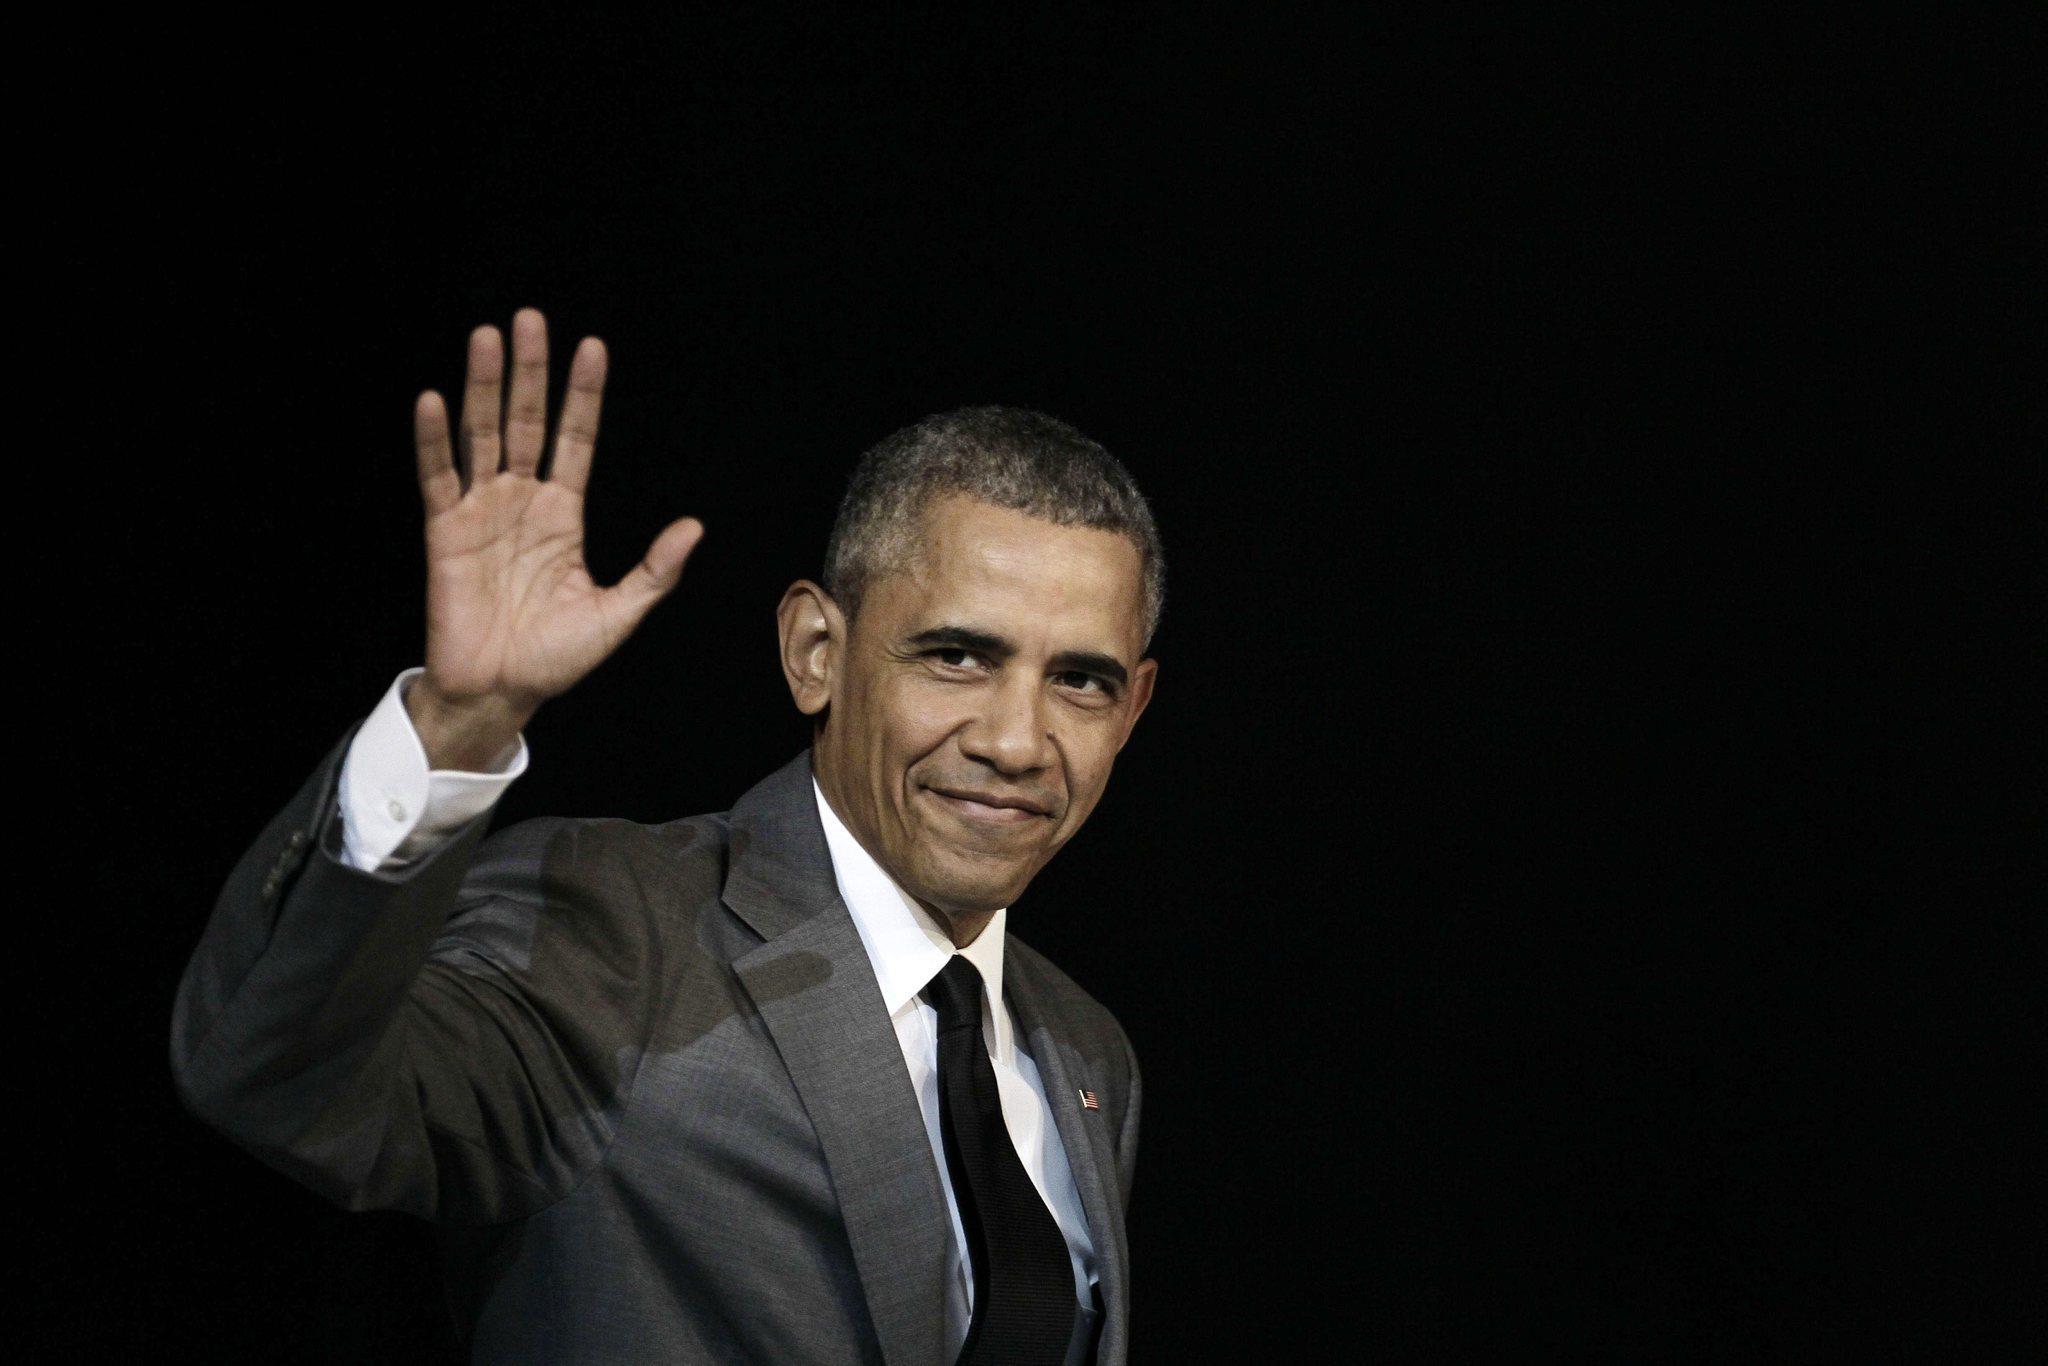 la-na-pol-obama-farewell-address-20170110